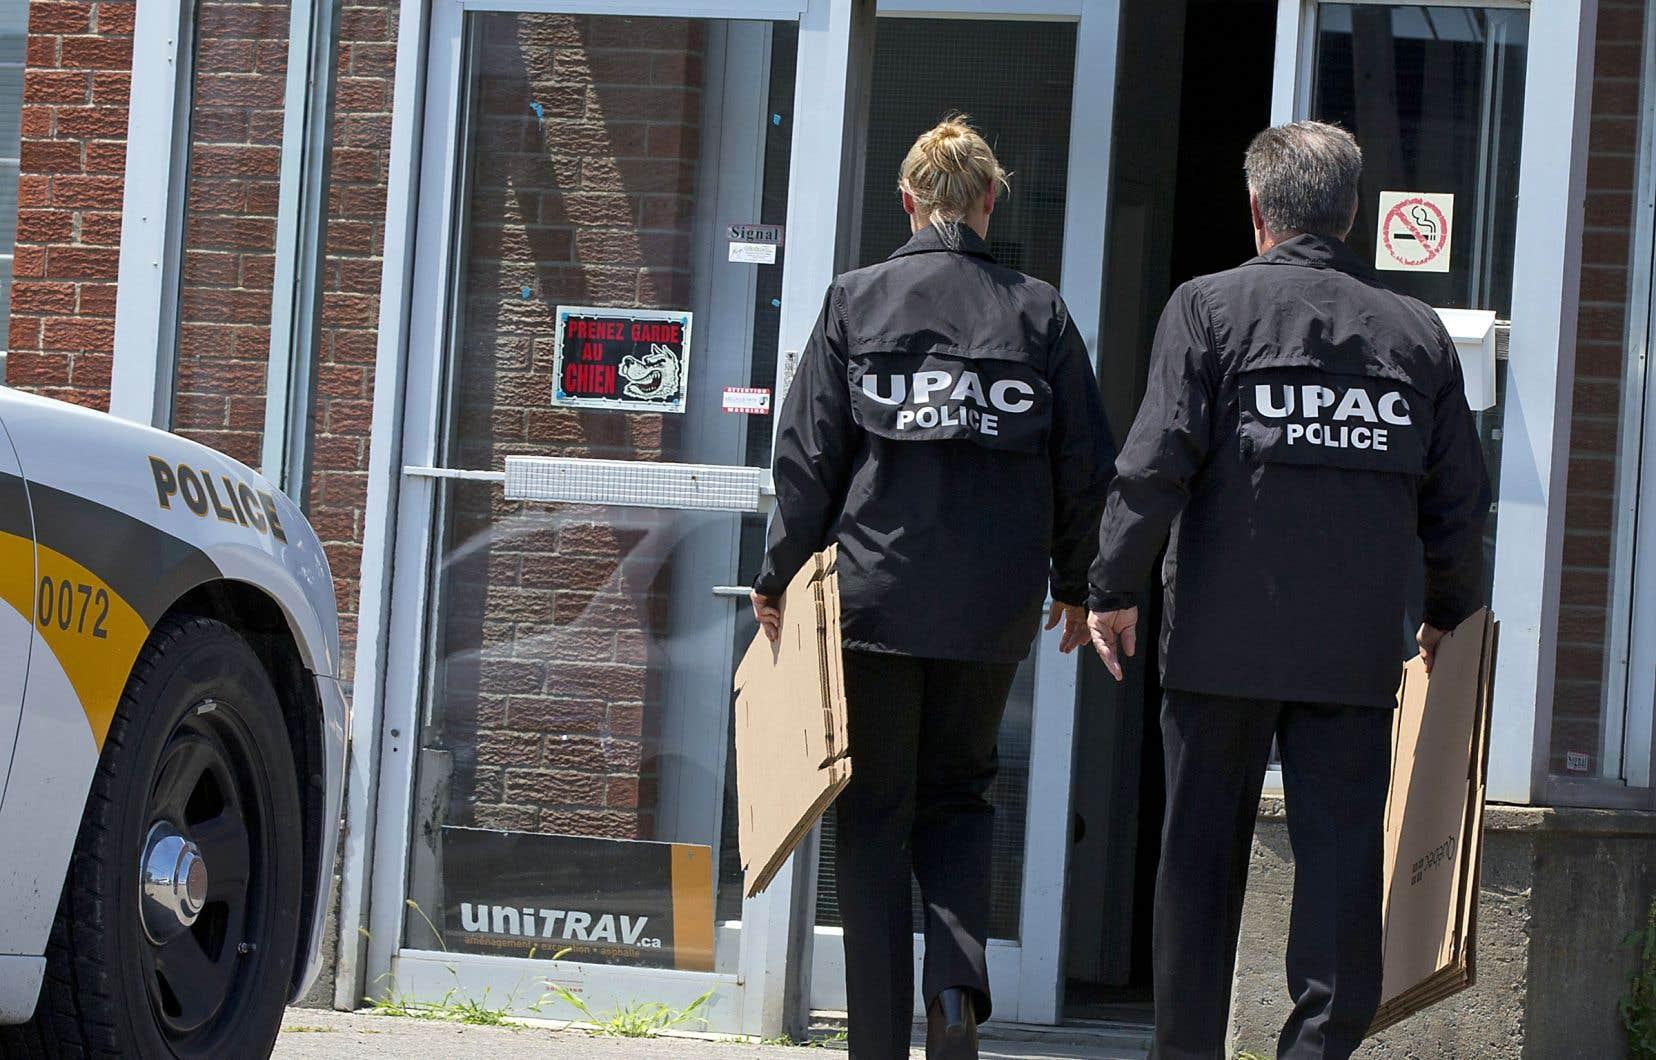 L'UPAC peut désormais devenir un corps de police spécialisé dans la lutte contre la corruption.